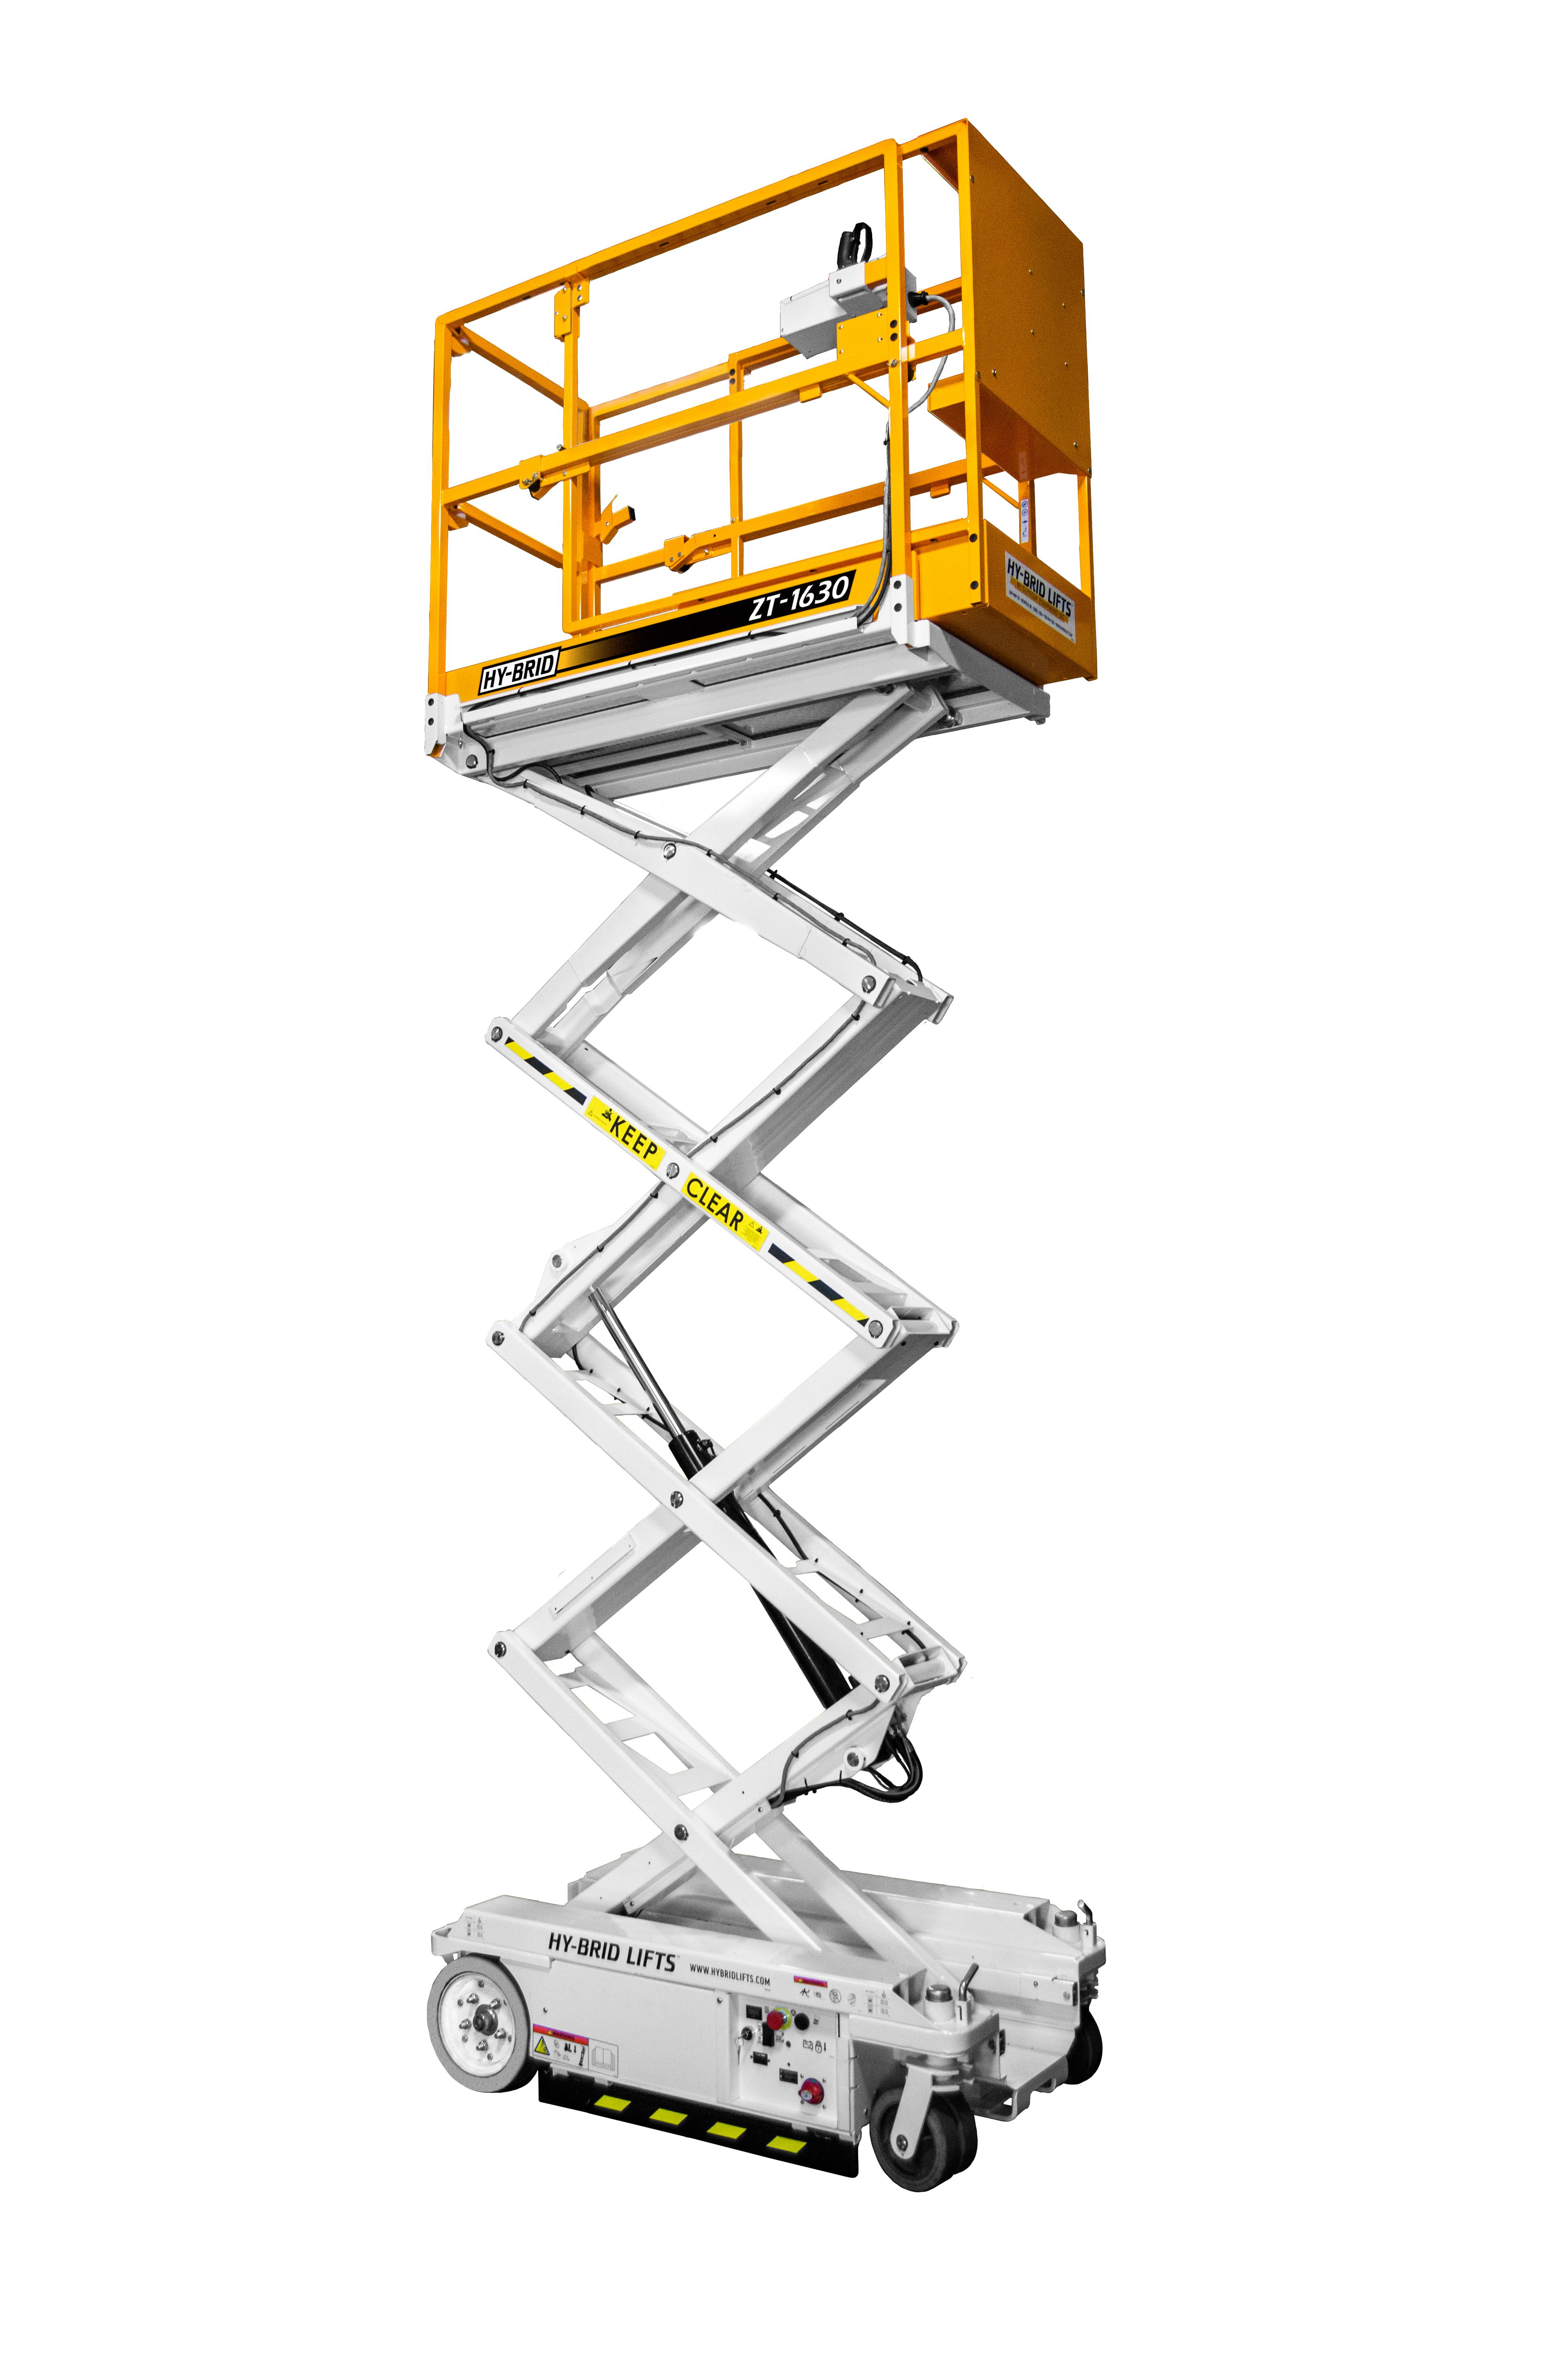 ZT-1630 Hy-Brid Lift